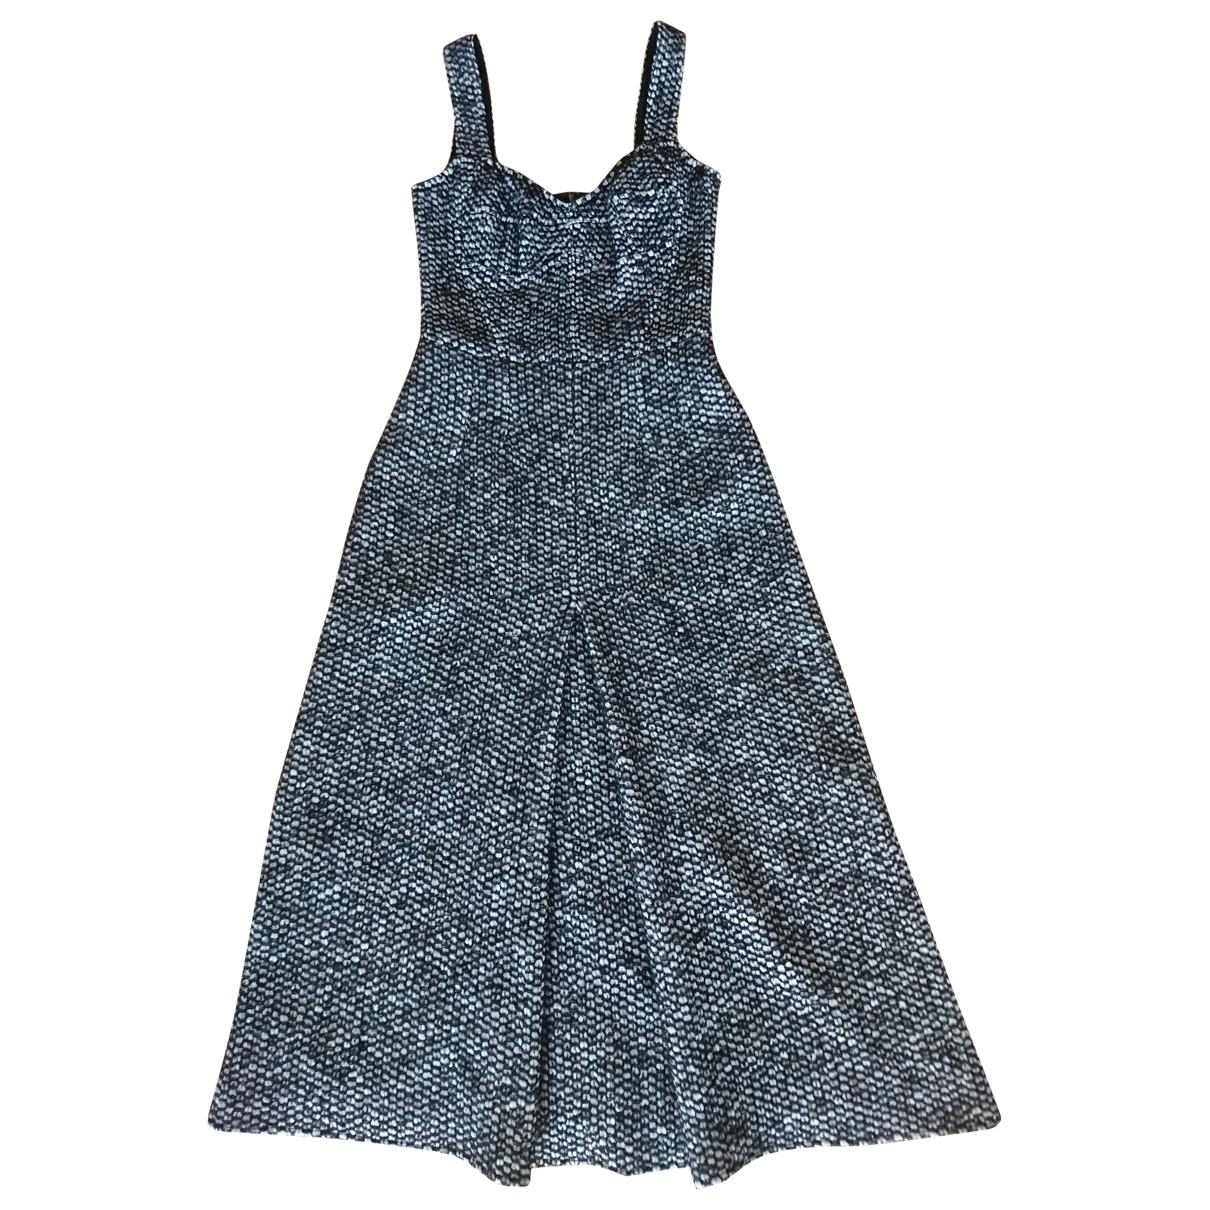 Dolce & Gabbana \N Black Wool dress for Women 40 IT